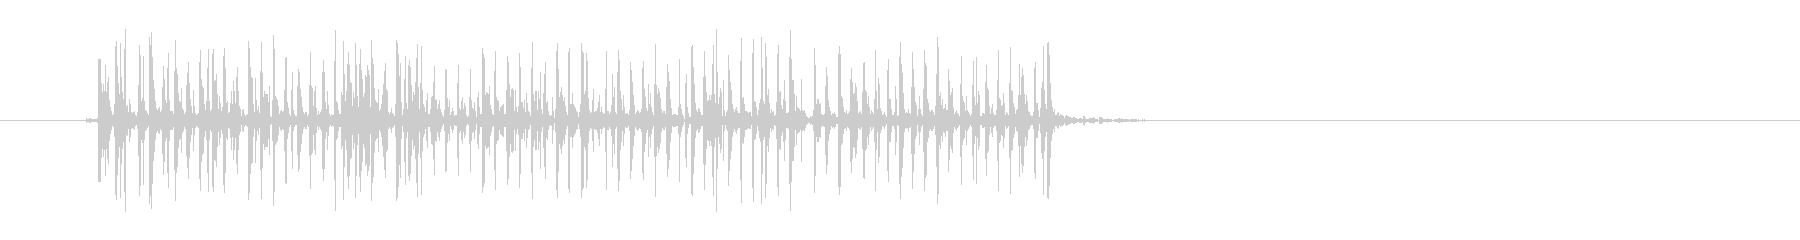 電気_バチバチ_01の未再生の波形